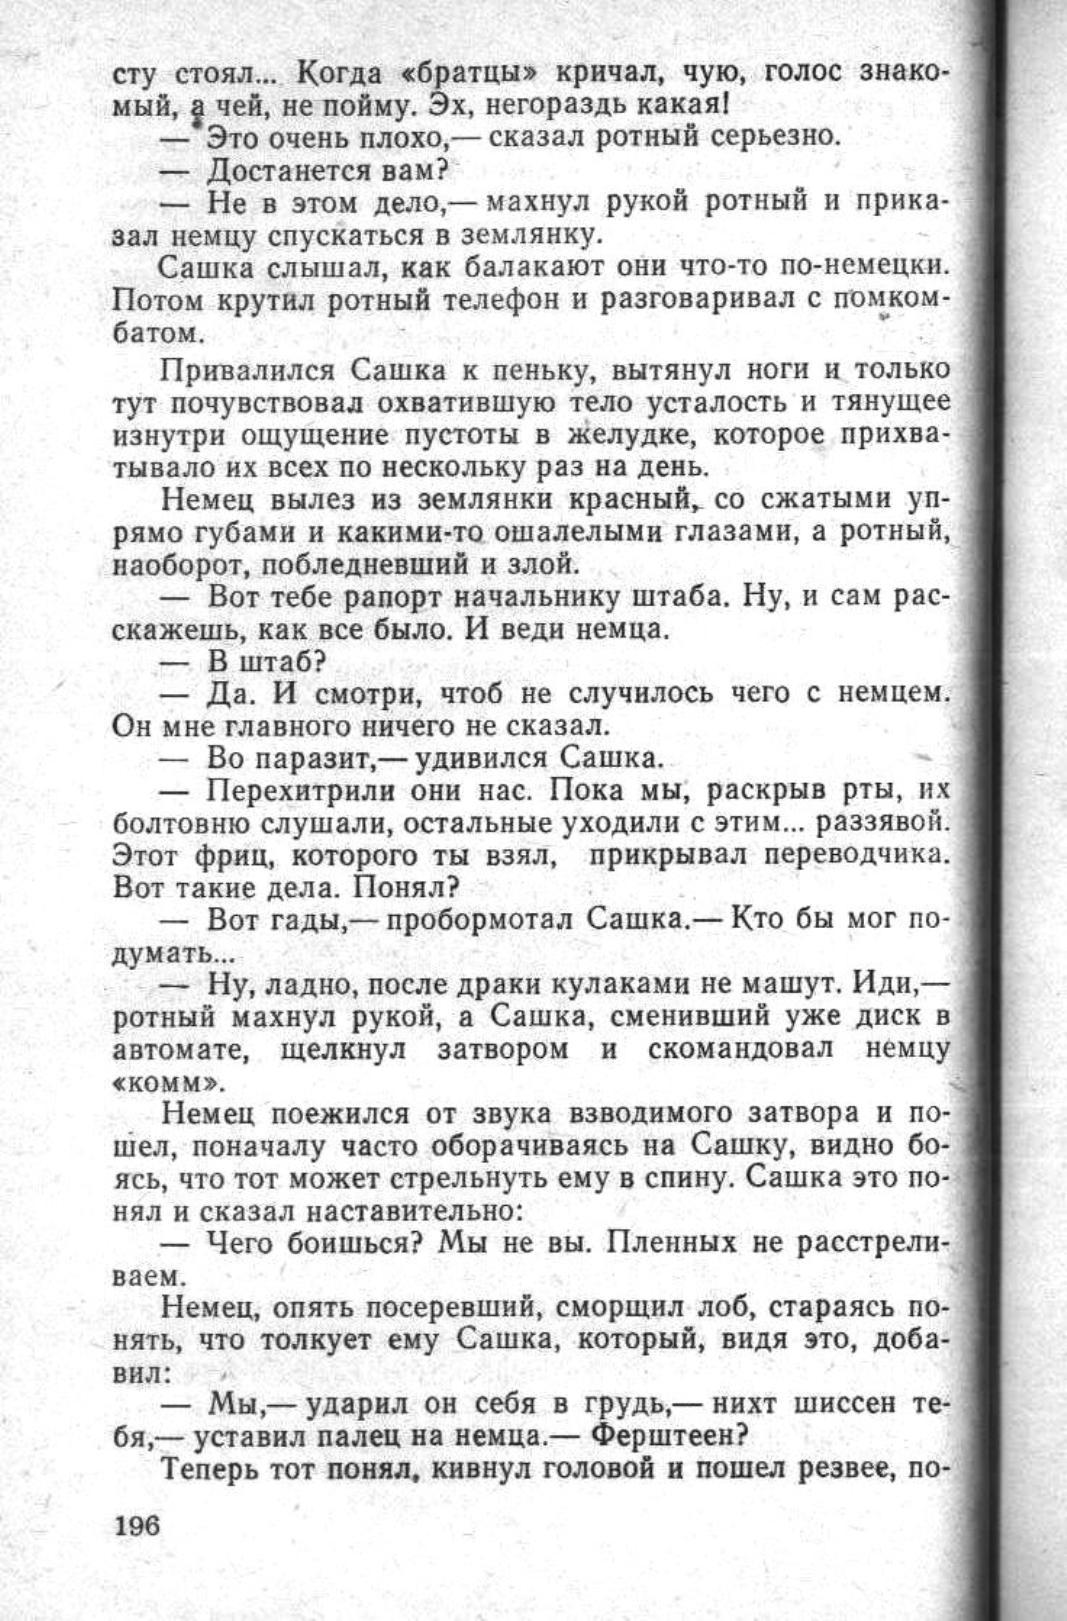 Сашка. Повесть. Вячеслав Кондратьев .002. 015